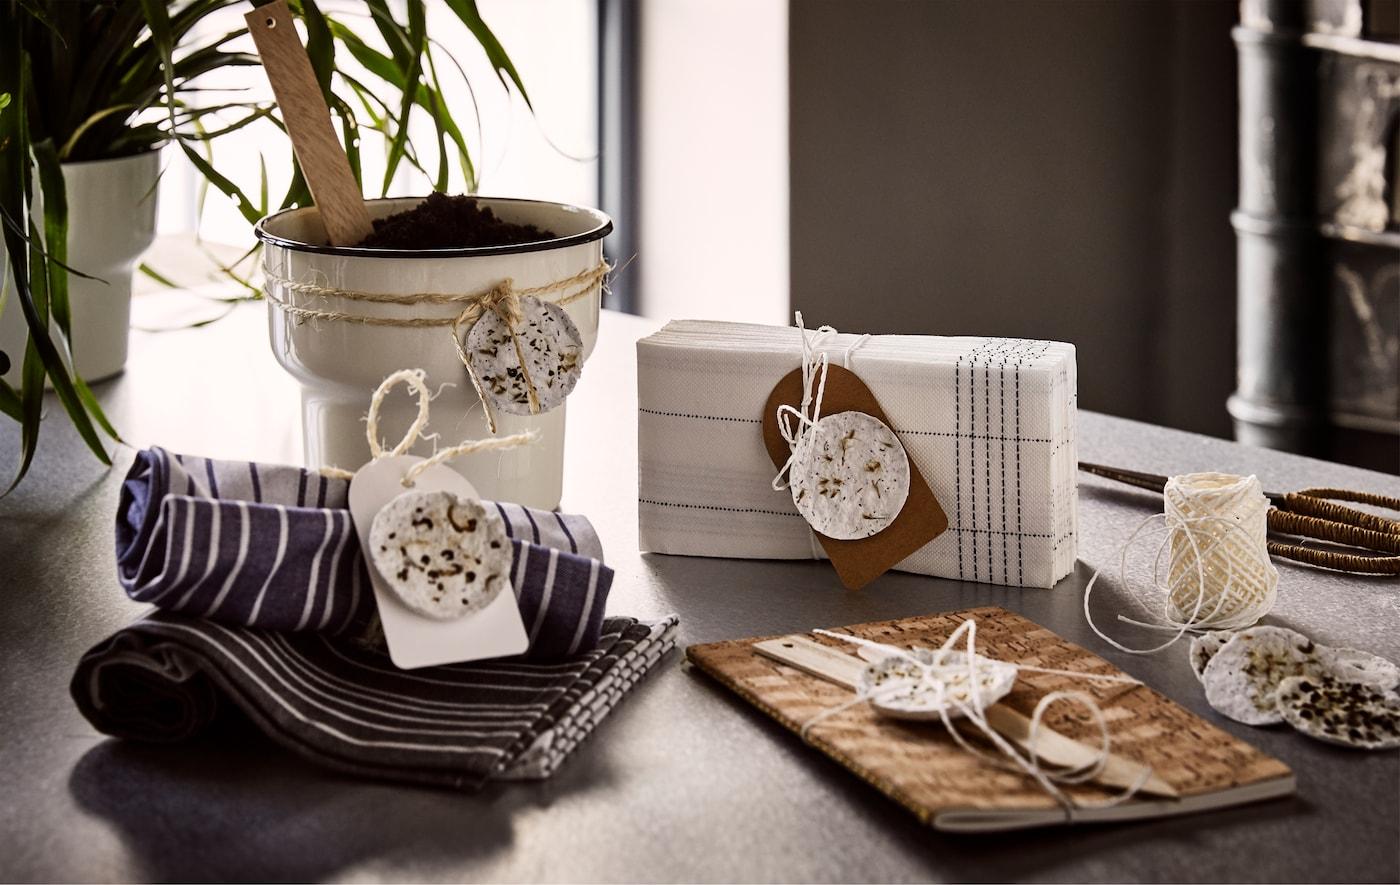 Ein Übertopf, ein braunes Notizbuch, Textilservietten & Papierservietten mit selbst gemachten Samentalern.